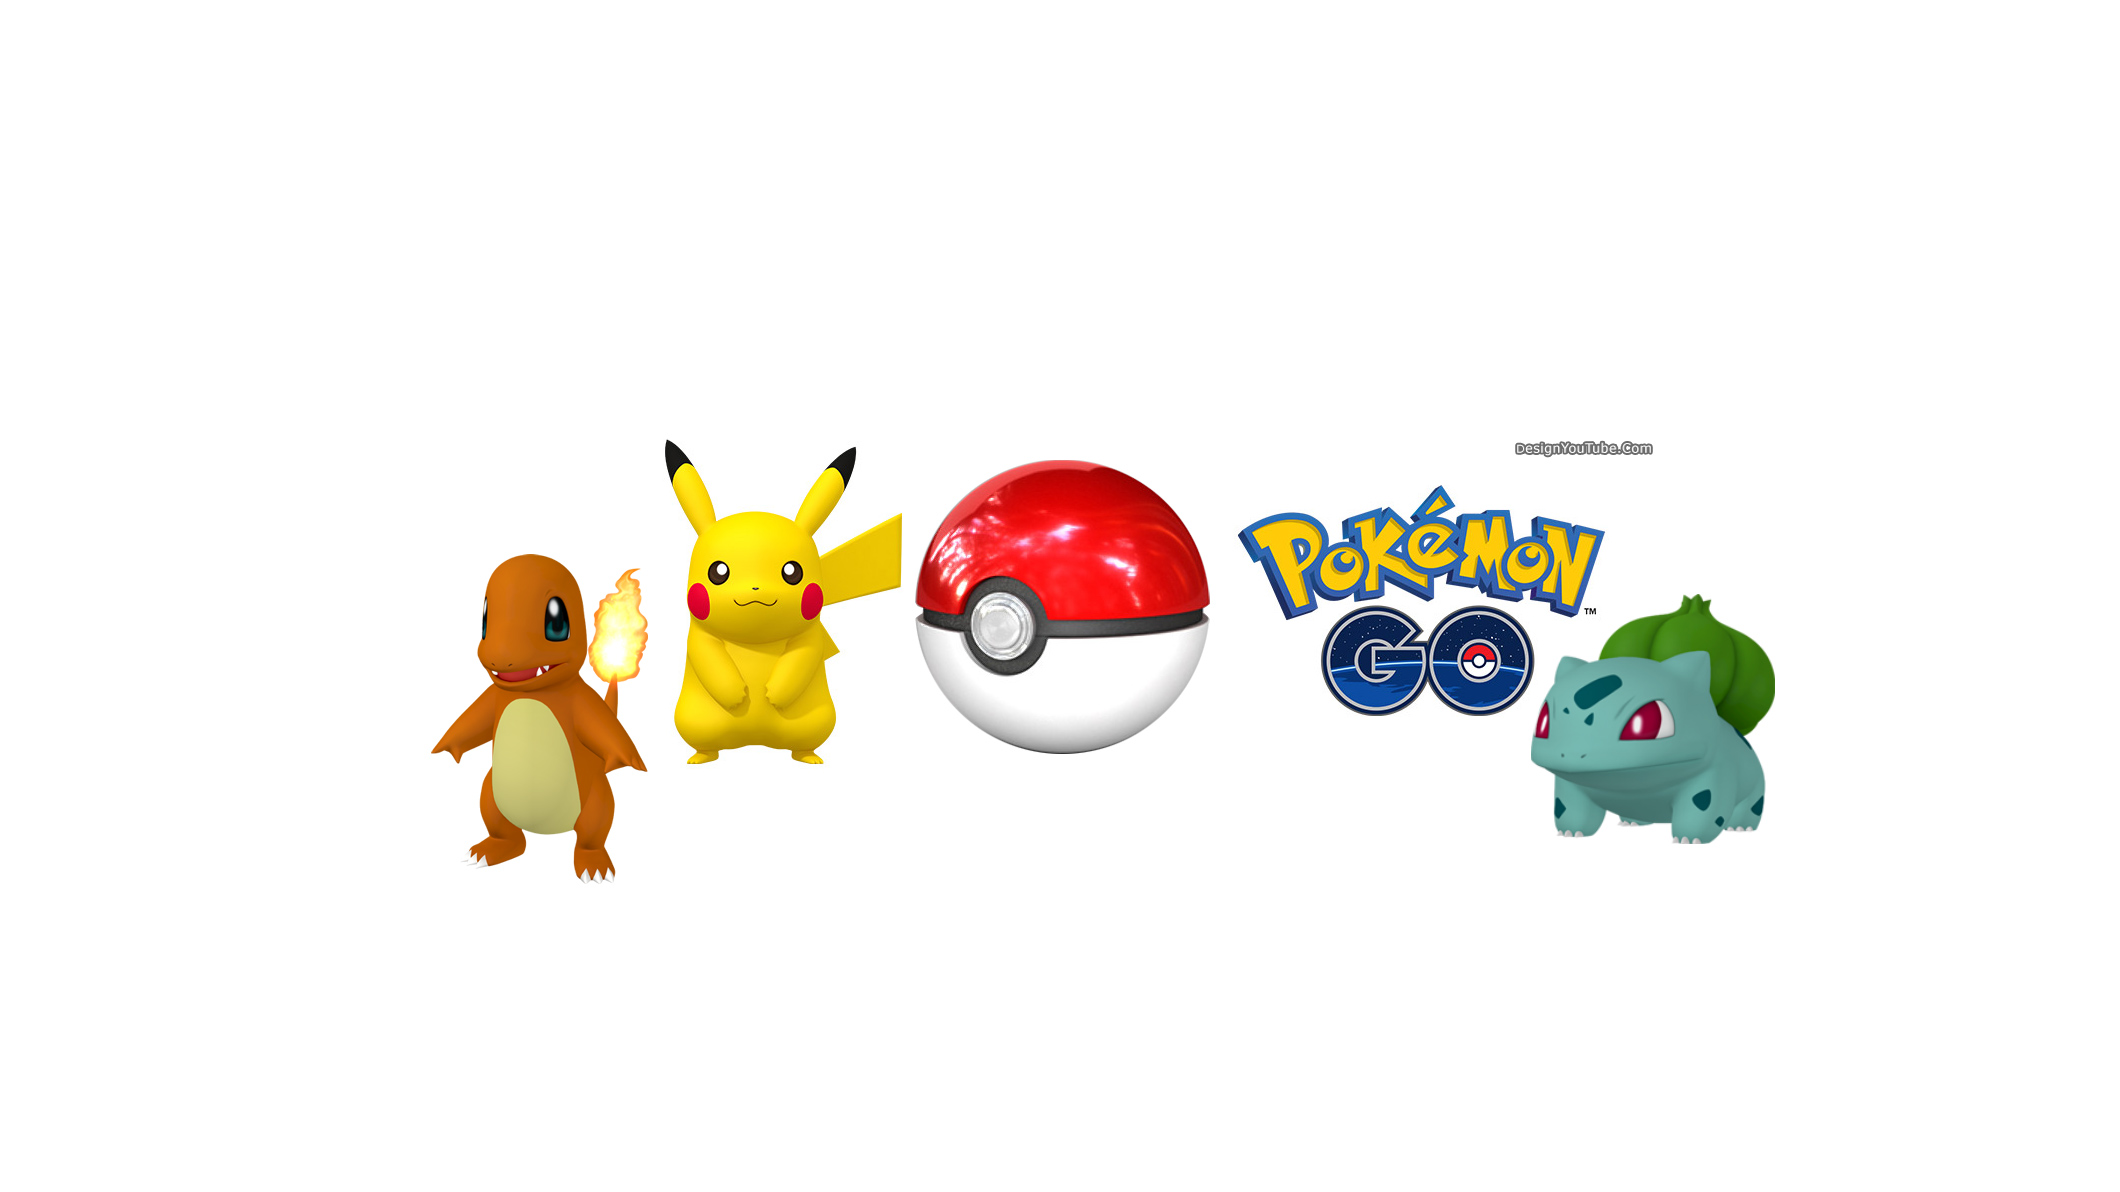 Pokemon Go Youtube Channel Art